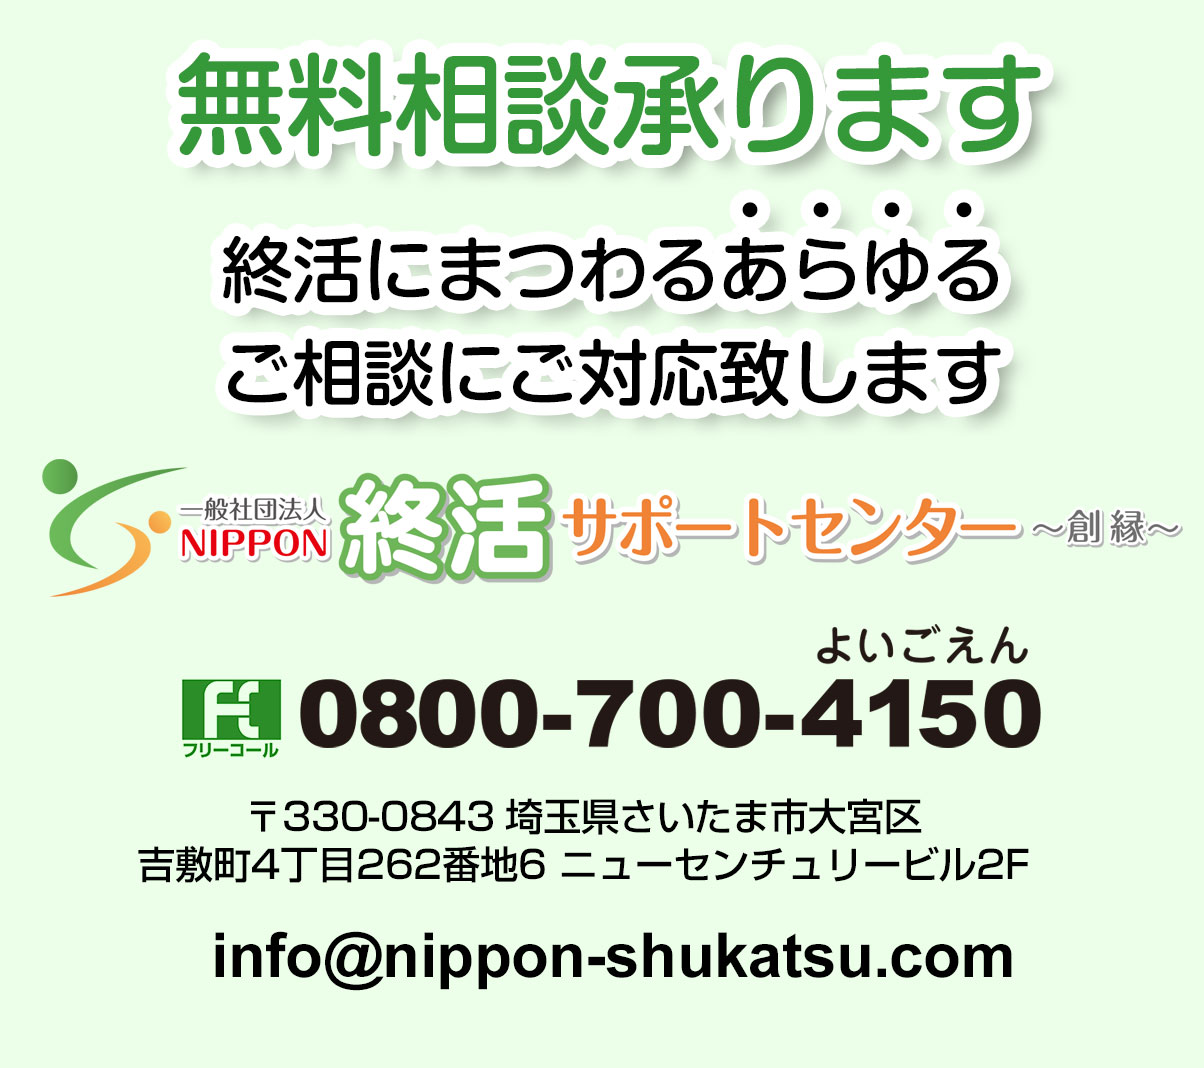 一般社団法人 NIPPON終活サポートセンター